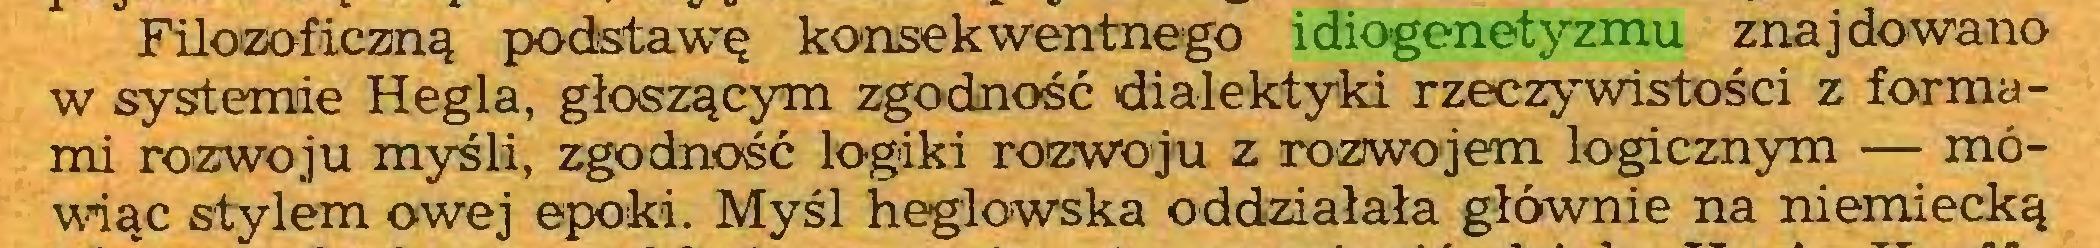 (...) Filozoficzną podstawę konsekwentnego idiogenetyzmu znajdowano w systemie Hegla, głoszącym zgodność dialektyki rzeczywistości z formami rozwoju myśli, zgodność logiki rozwoju z rozwojem logicznym — mówiąc stylem owej epoki. Myśl heglowska oddziałała głównie na niemiecką...